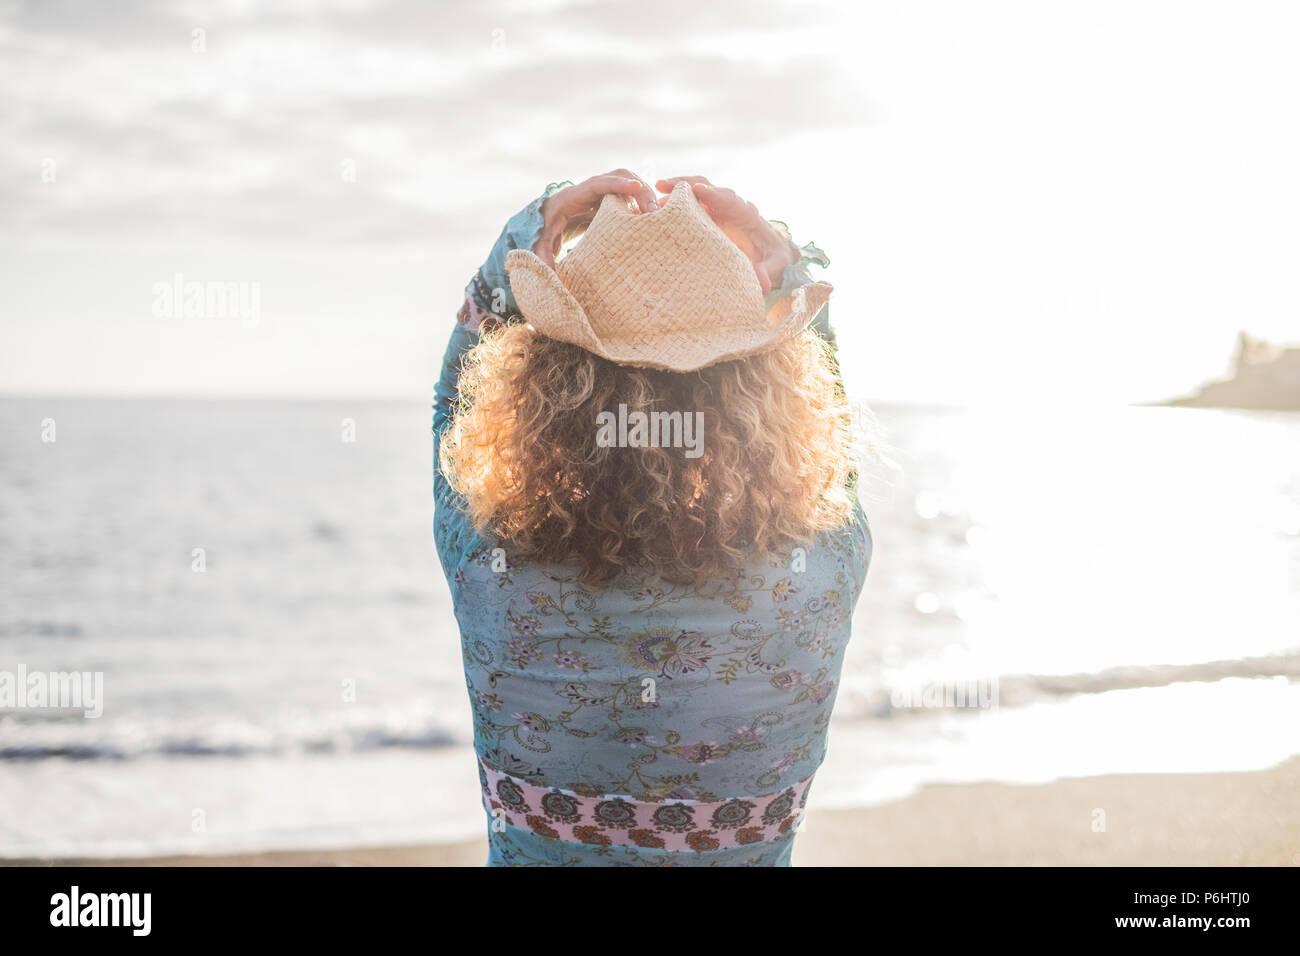 Mujer joven con libertad cowboay sombrero en frente del océano disfrutando de las vacaciones y el estilo de vida al aire libre. La luz solar del verano y las olas y espíritu viajero Imagen De Stock